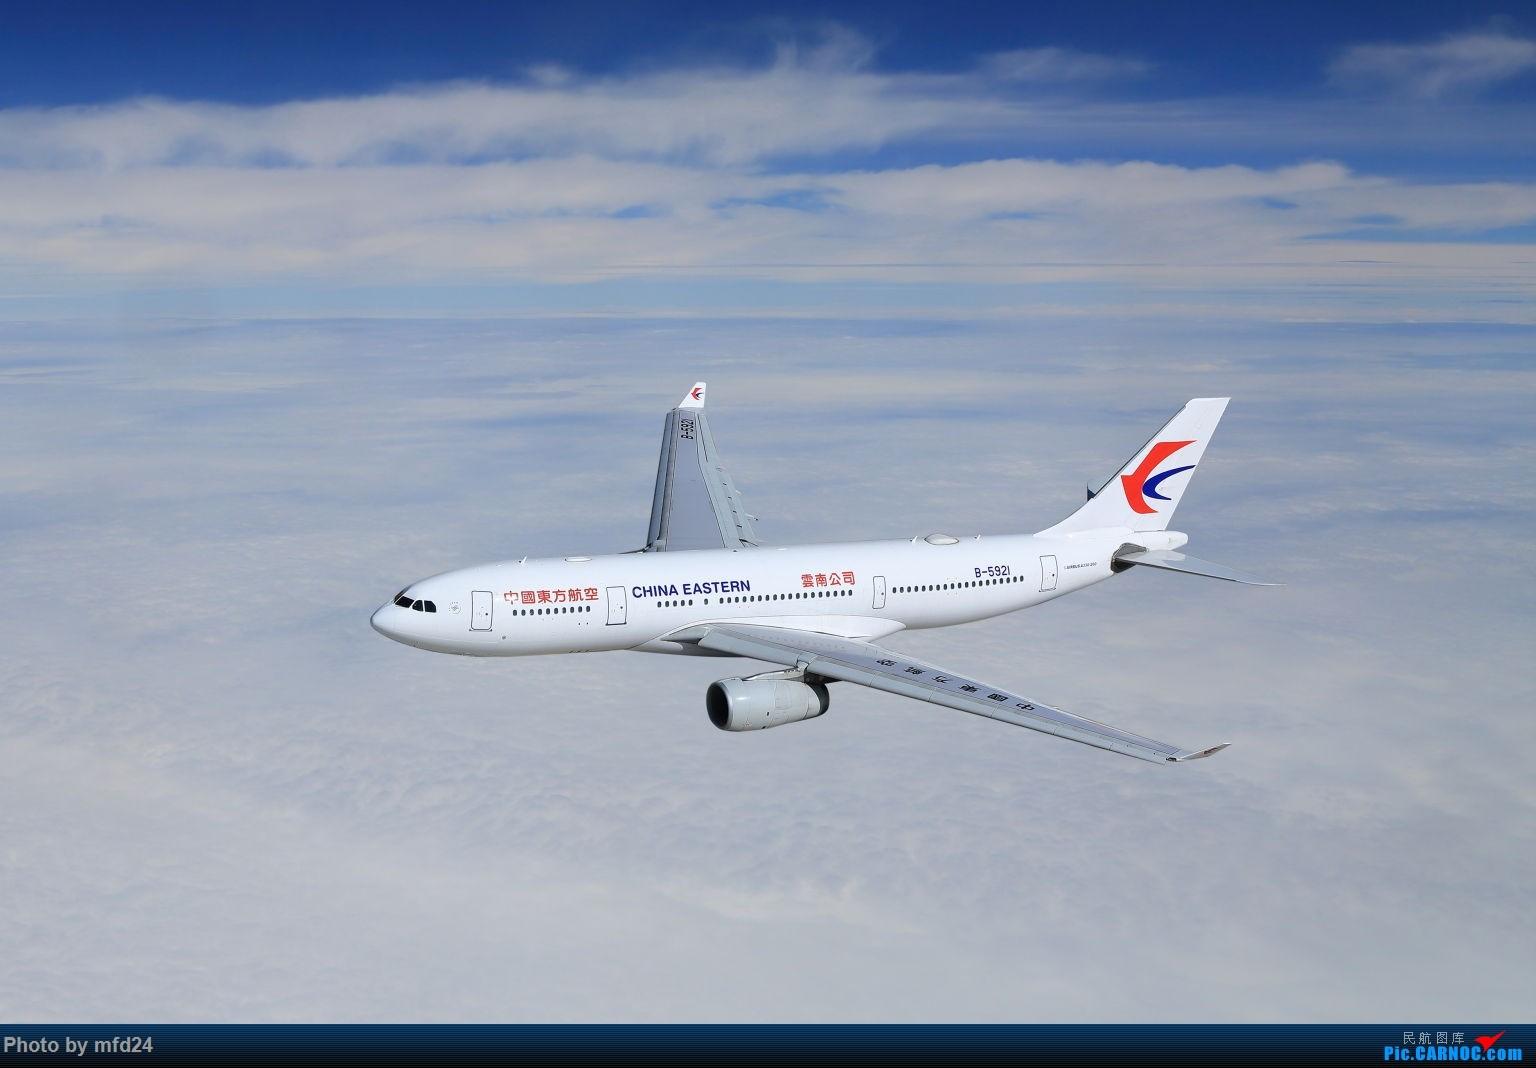 Re:[原创]来组高大上的空中航空摄影 AIRBUS A330-200 B-5921